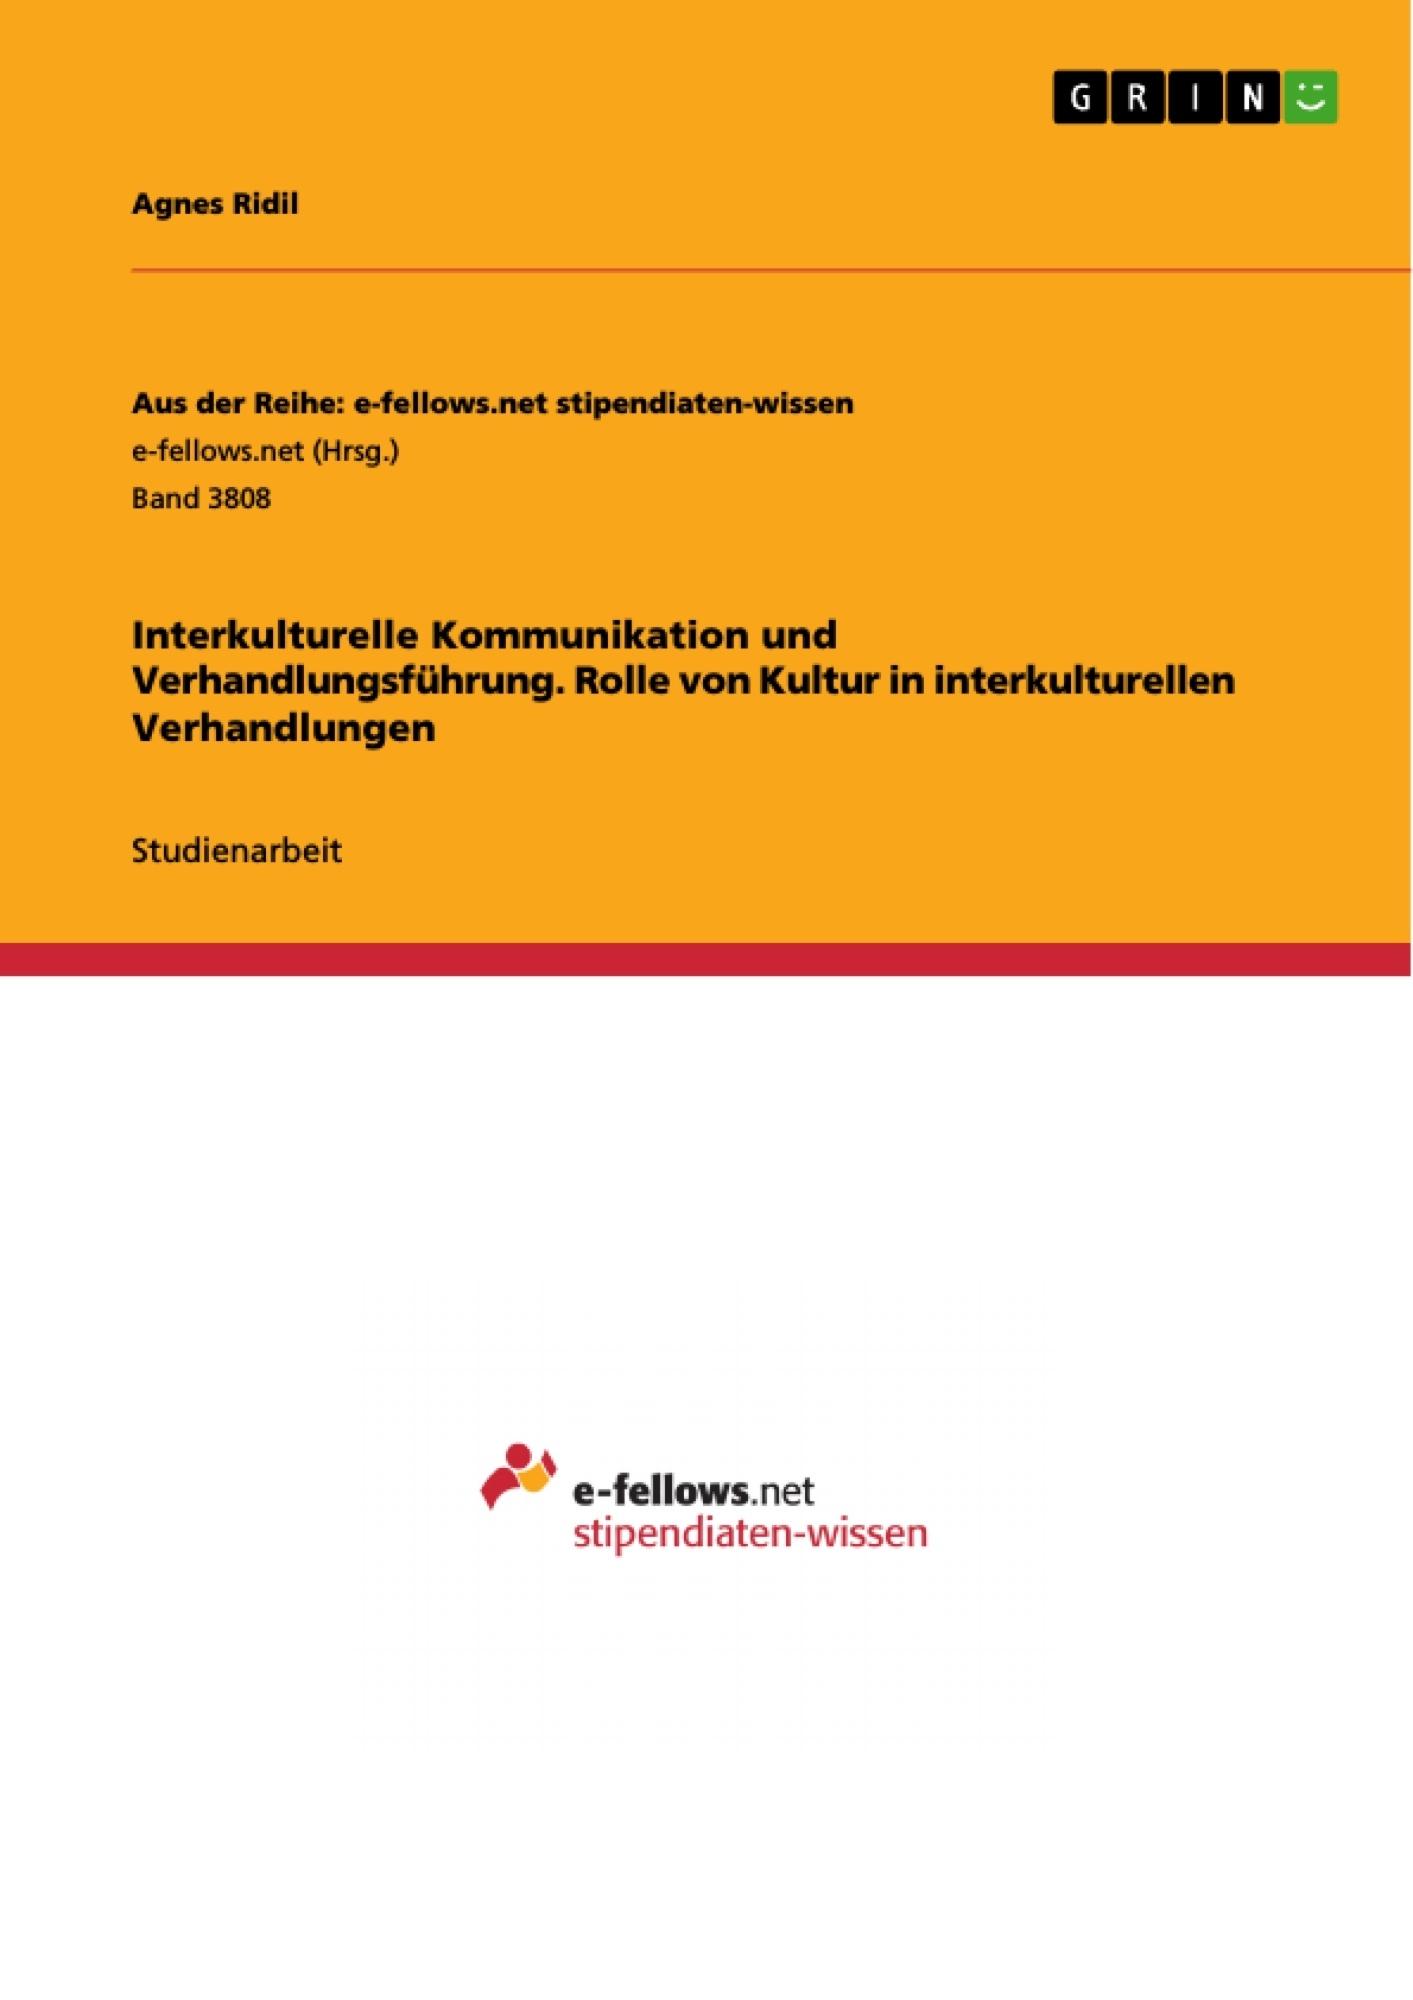 Titel: Interkulturelle Kommunikation und Verhandlungsführung. Rolle von Kultur in interkulturellen Verhandlungen